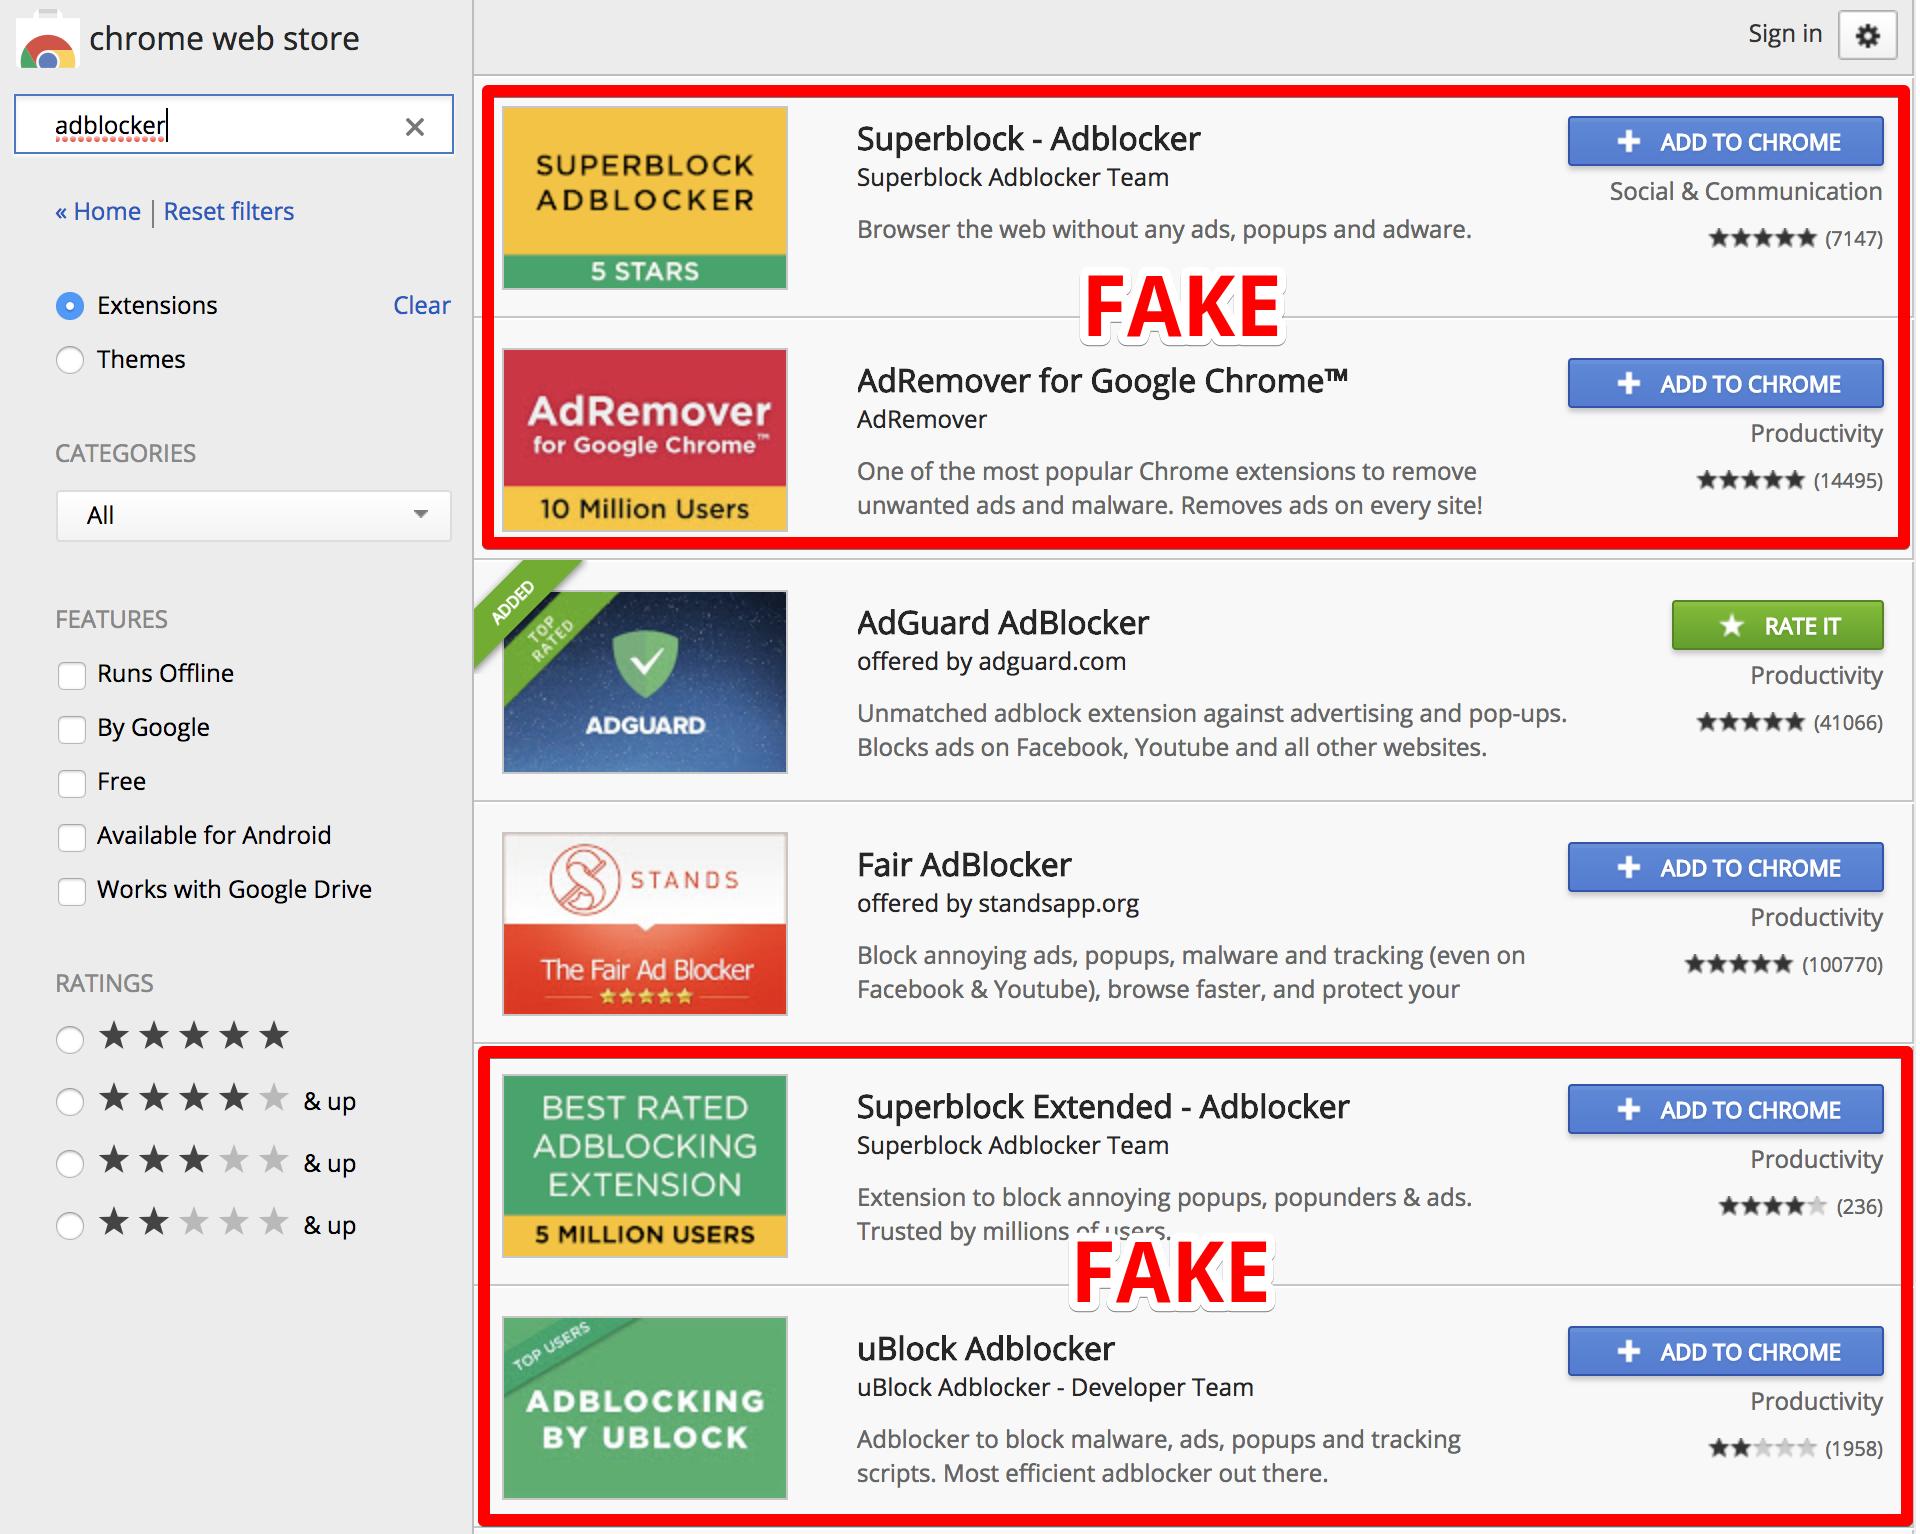 Von AdGuard im Chrome Web Store entdeckte Fake Adblocker, die Google inzwischen entfernt hat (Bild: AdGuard).